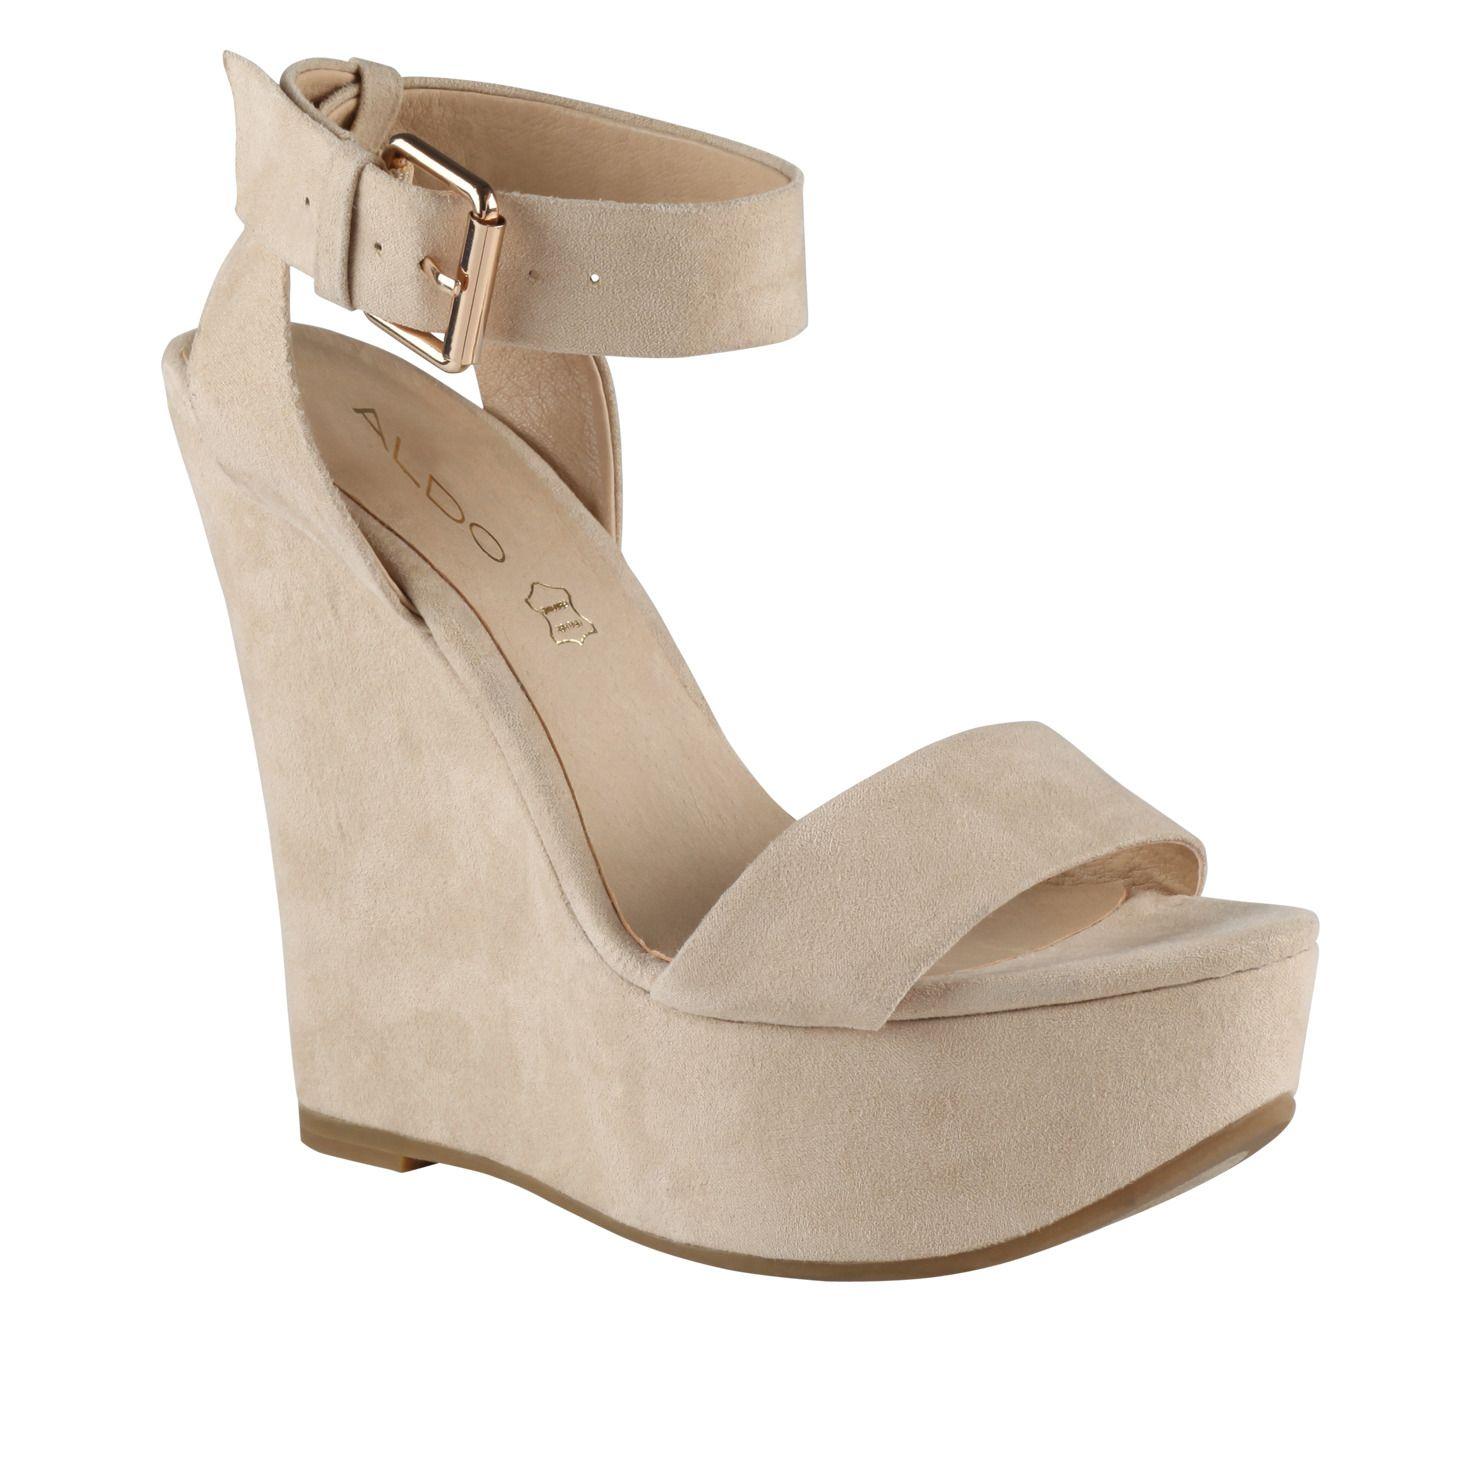 Lavertu Women S Wedges Sandals For Sale At Aldo Shoes